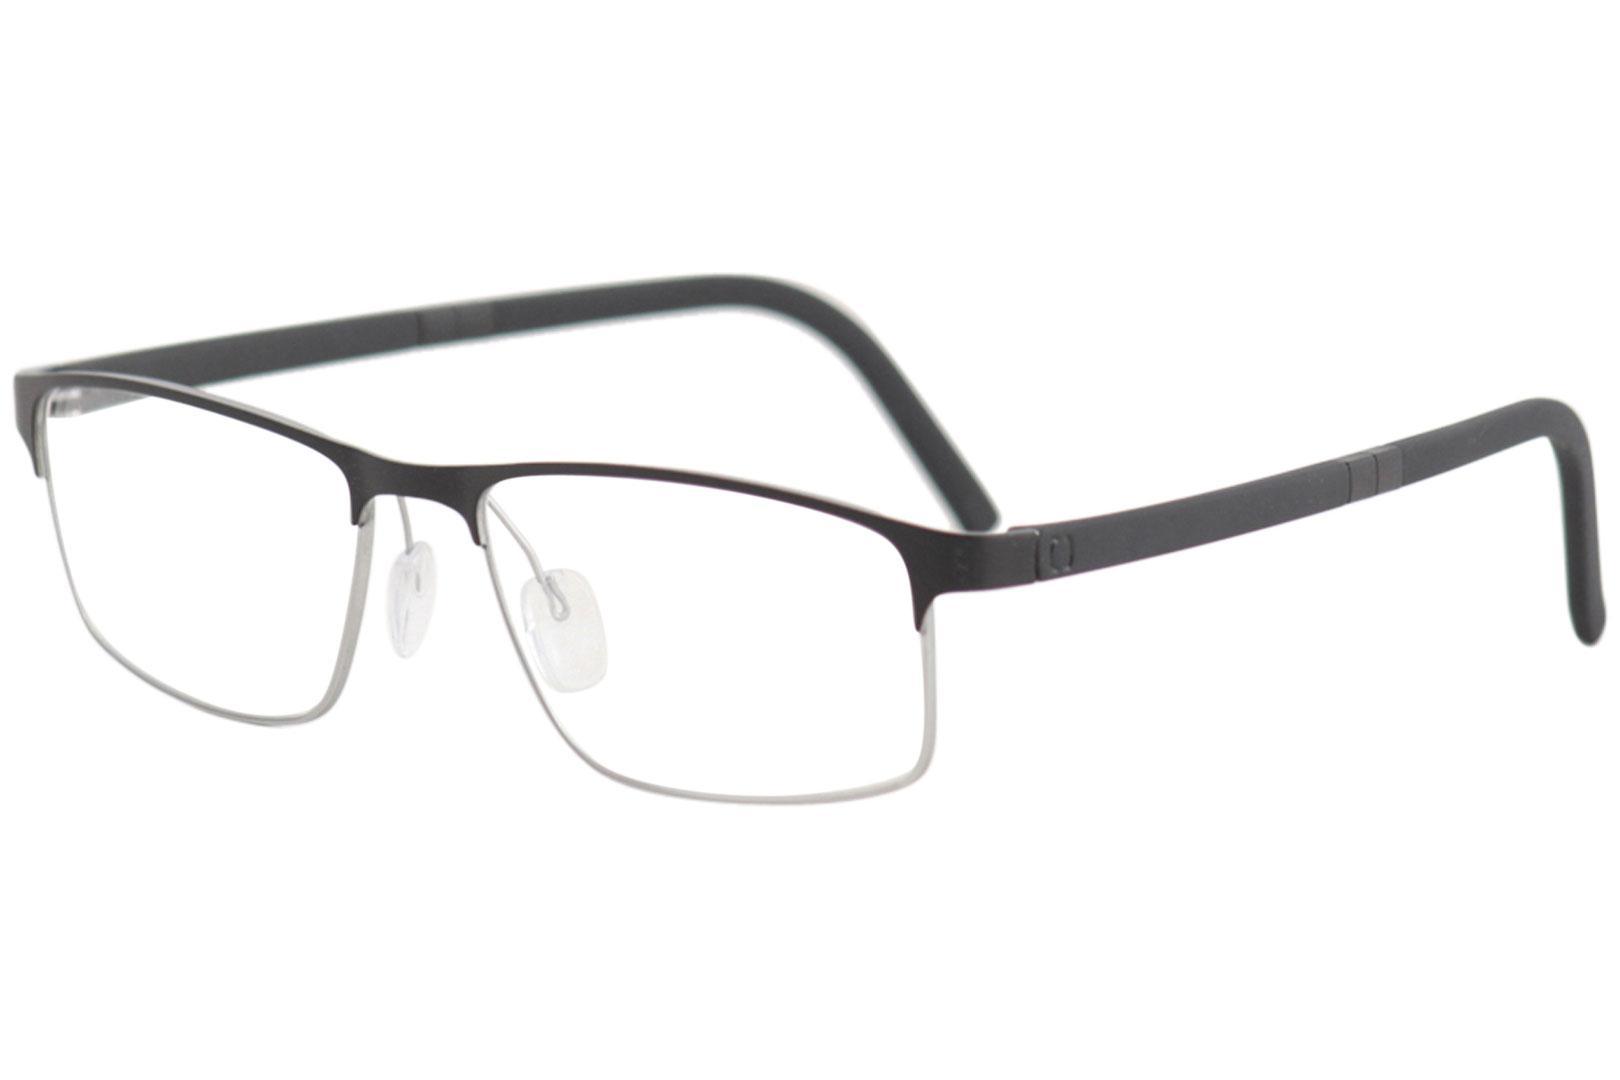 d4c608c8281 Neubau Men s Eyeglasses Ben T004 T 004 Full Rim Optical Frame